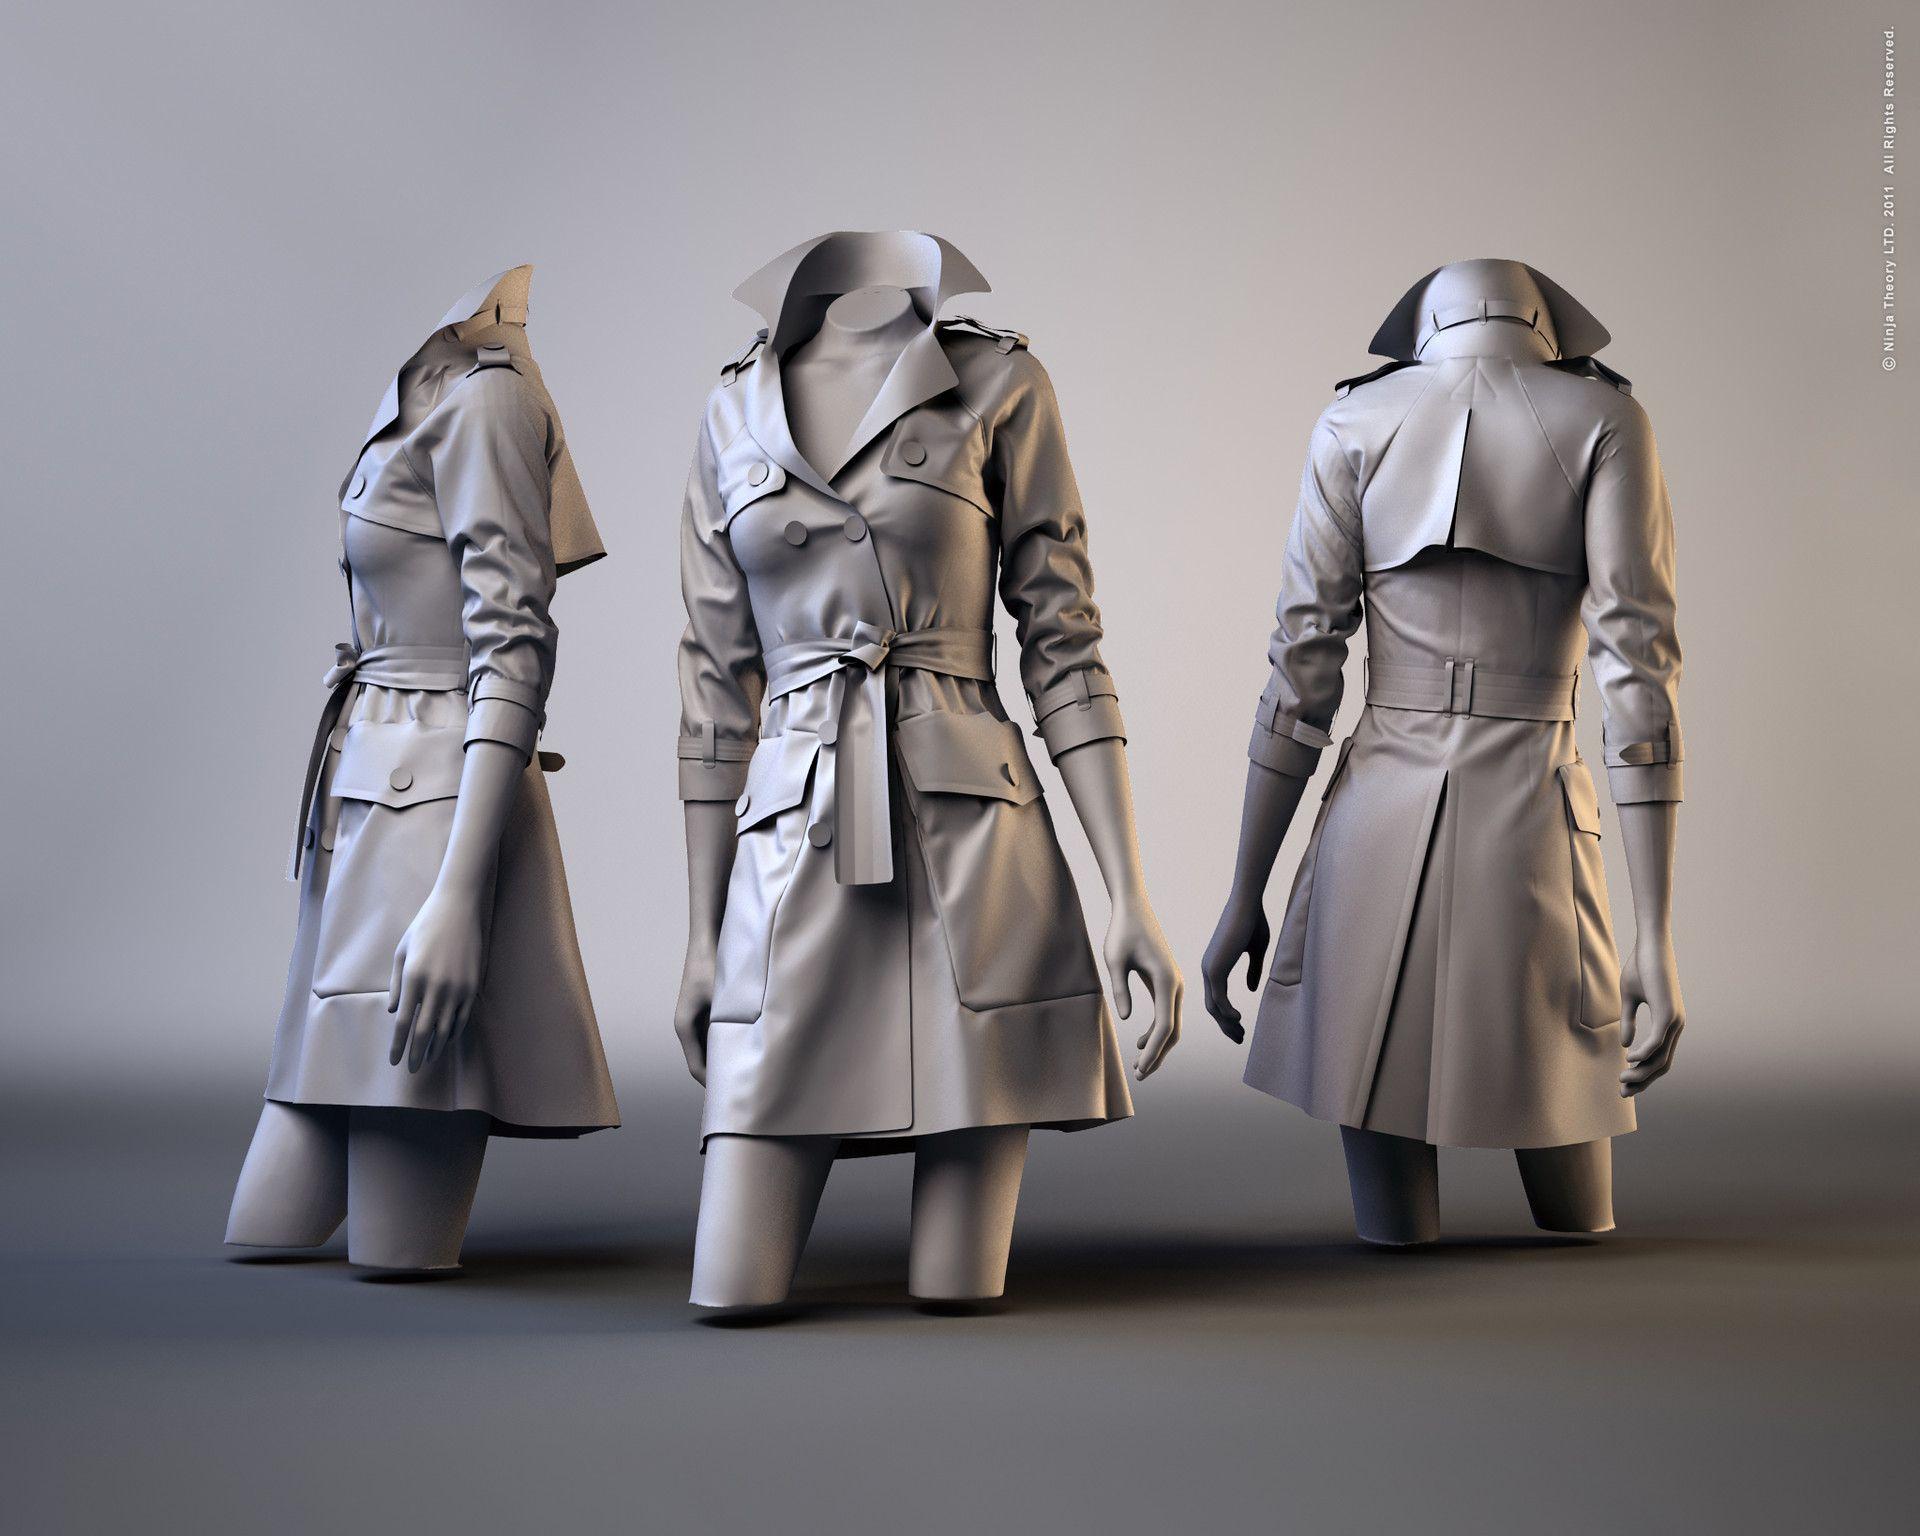 ArtStation - Trench Coat in Marvelous Designer, Jeen Lih Lun